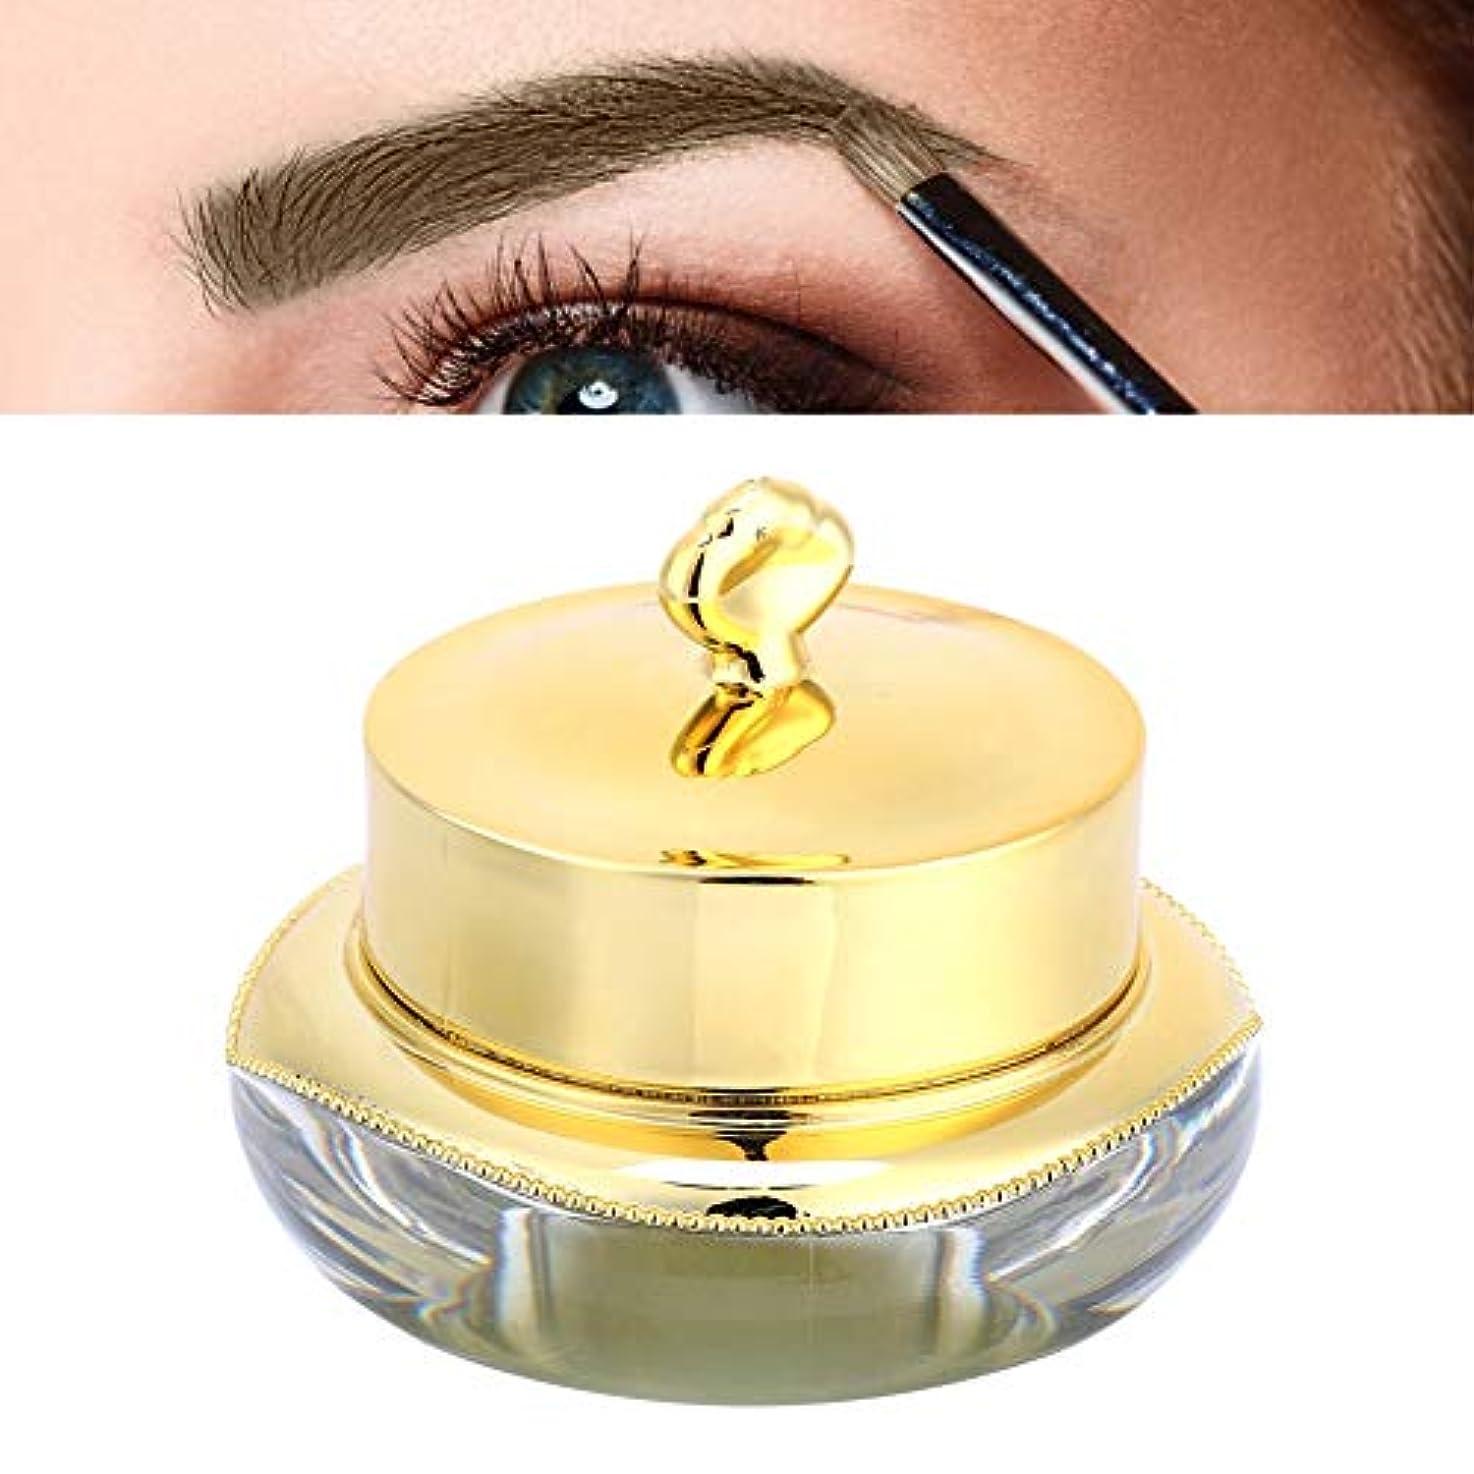 購入教磁気眉毛インク 天然植物 顔料 顔料の半永久的な唇の眉毛の 長続きがするインククリームの眉毛の唇のアイラインの永久的な構造(コーヒー)